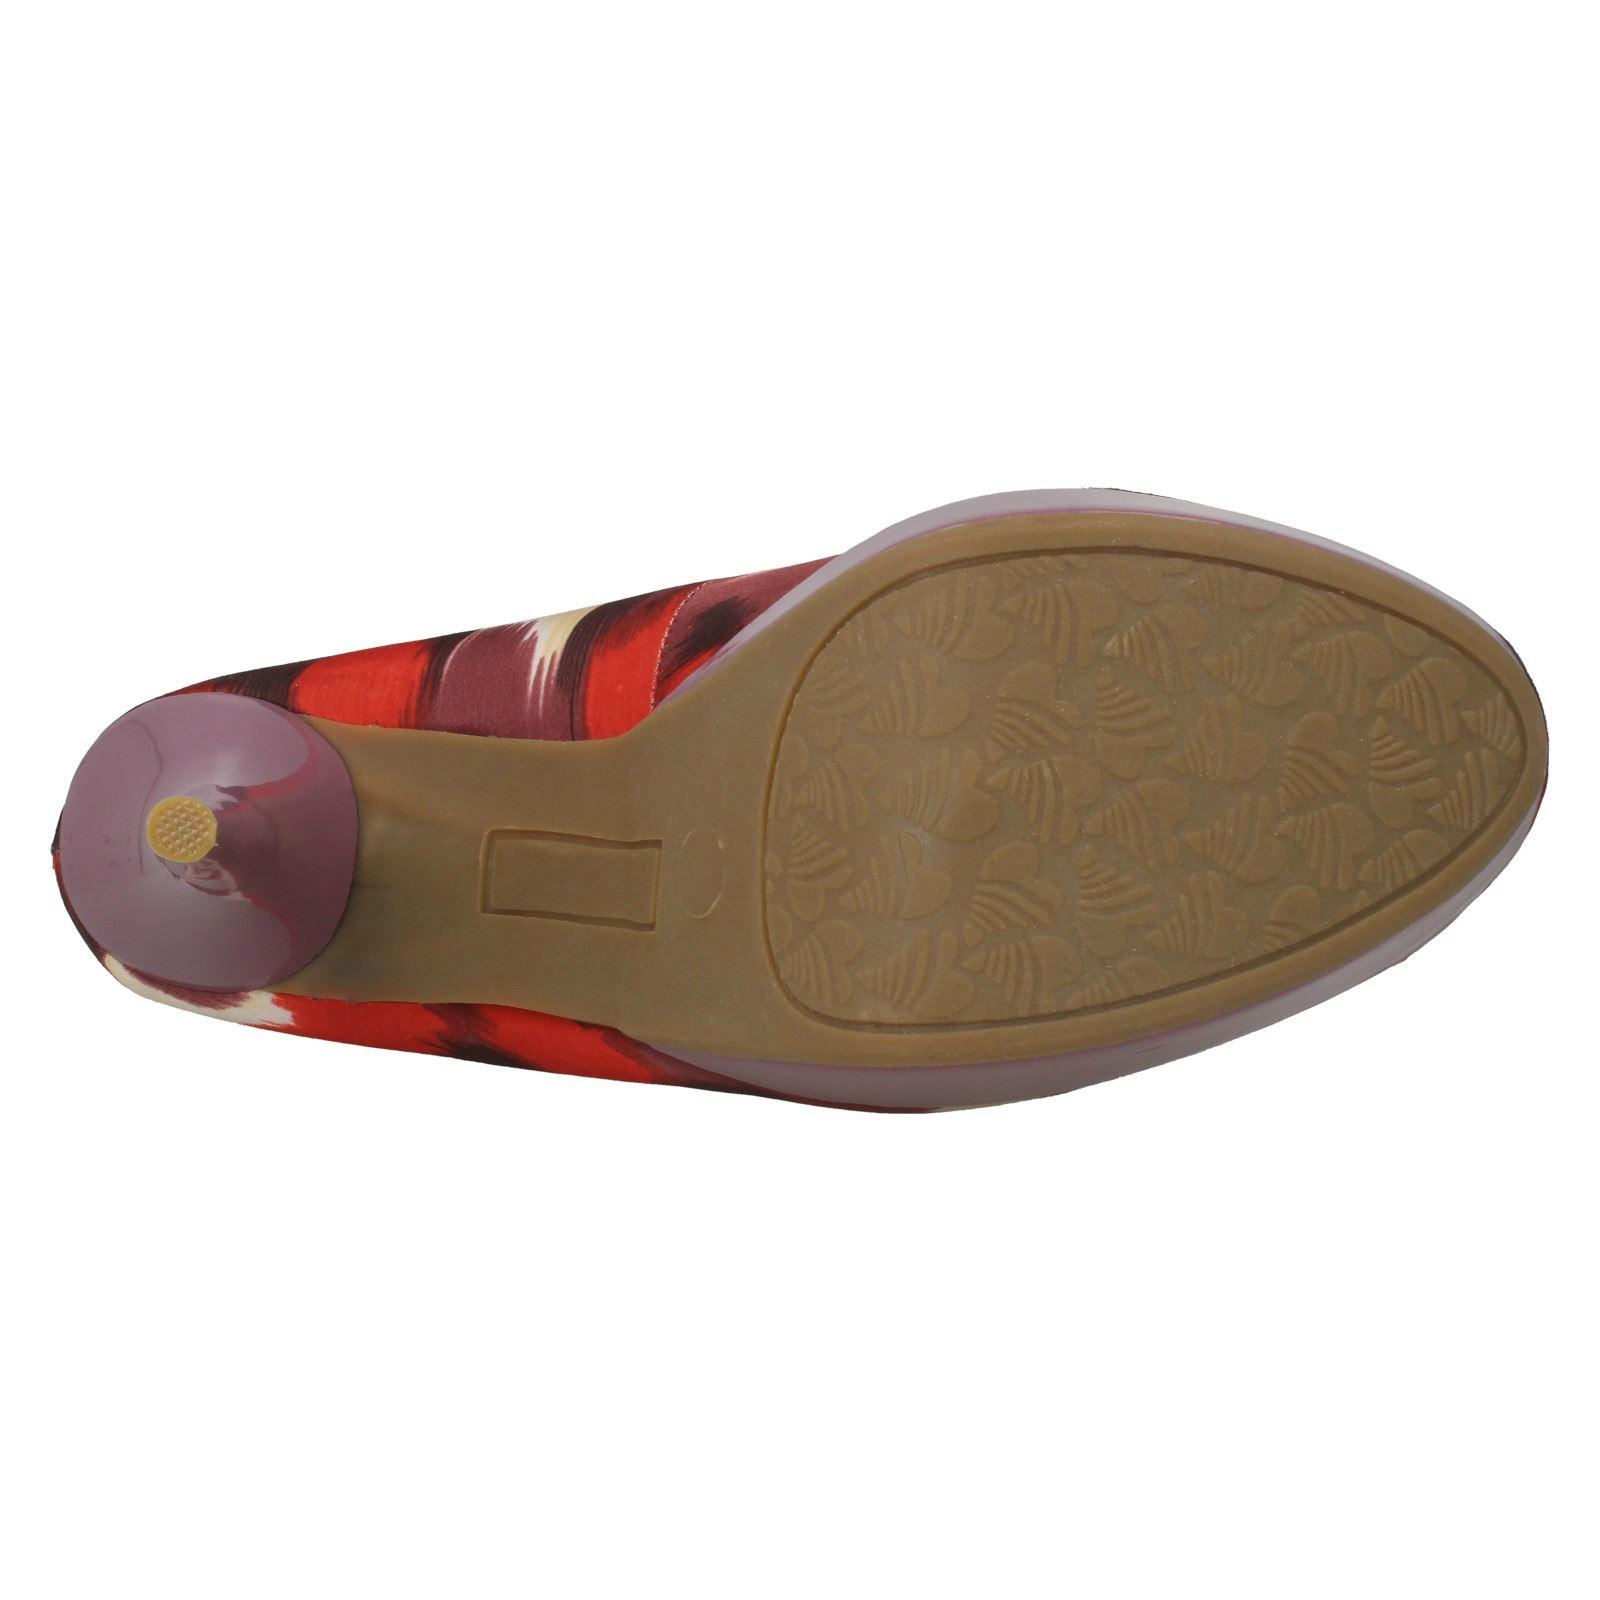 Señoras punto en la plataforma de tacón alto puntera abierta Court Shoe